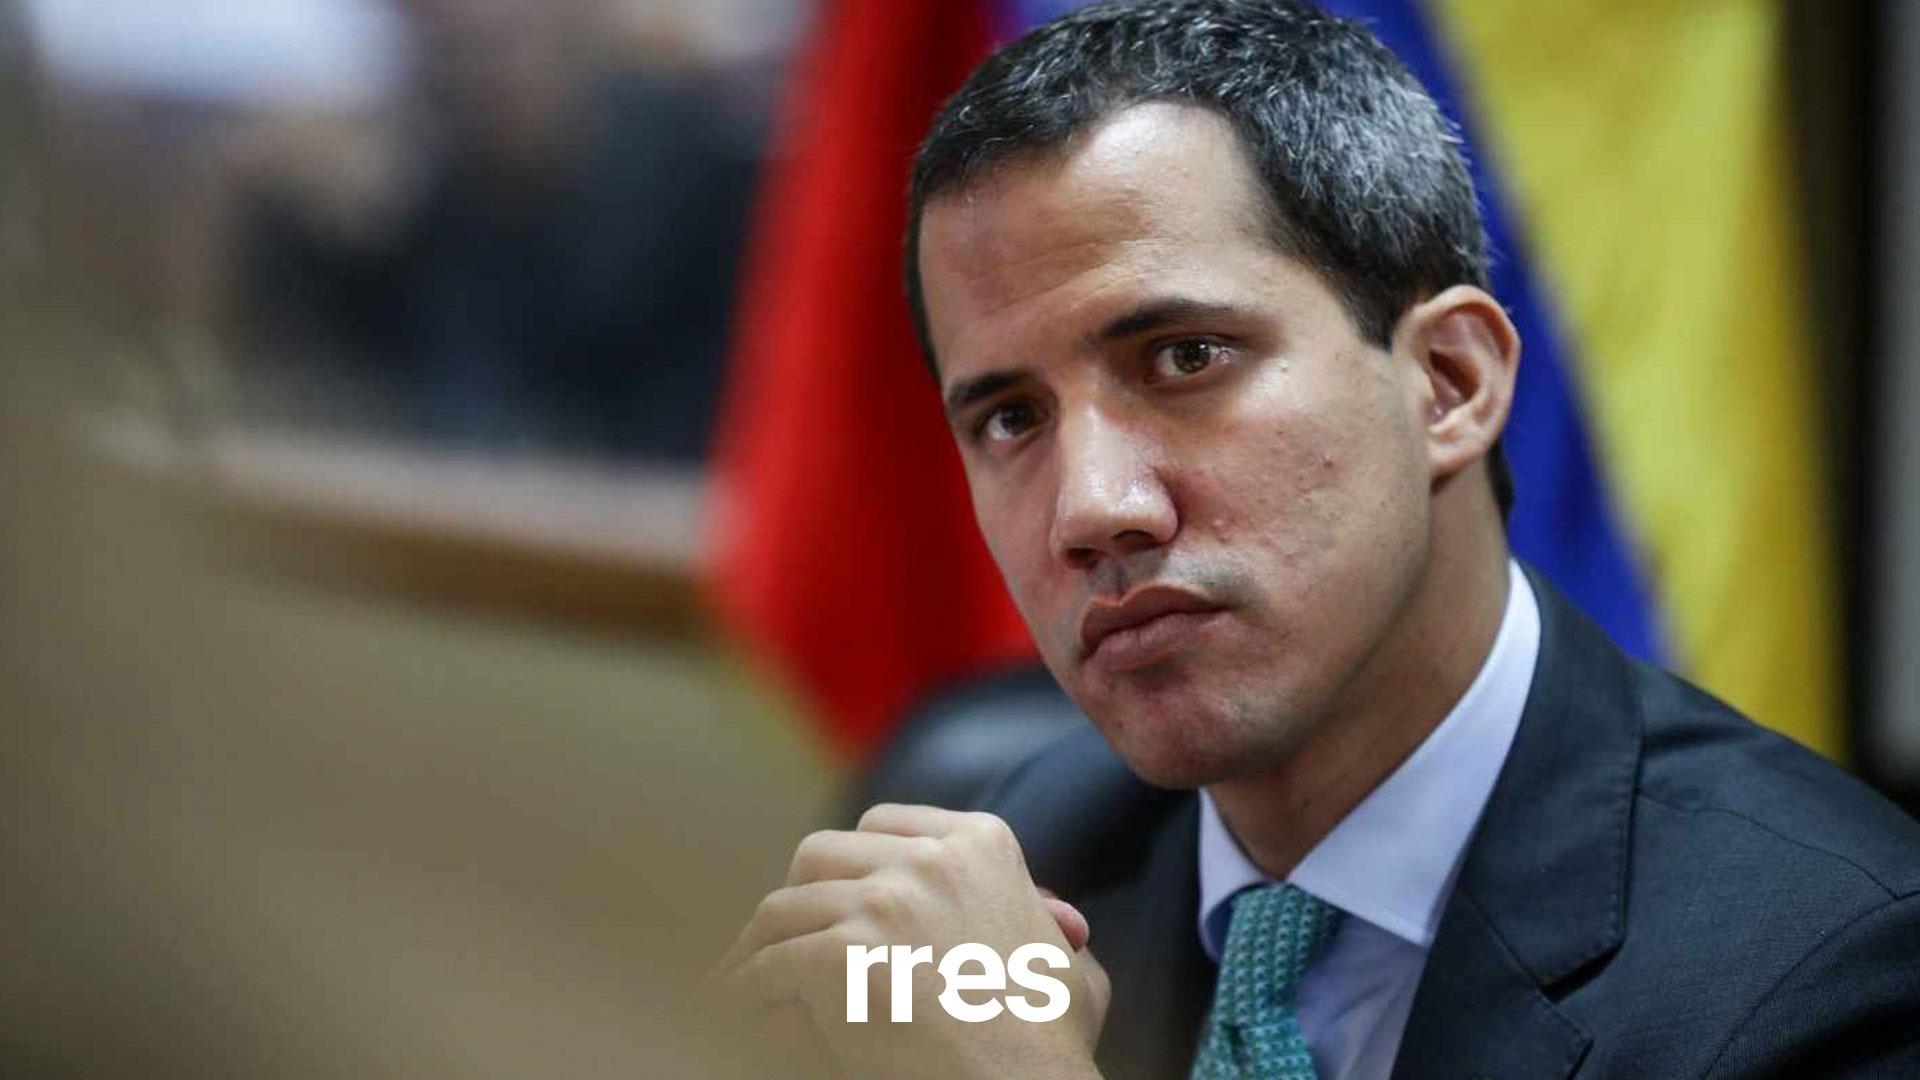 [ENTREVISTA] Juan Guaidó: El 6 de enero espero estar en Miraflores